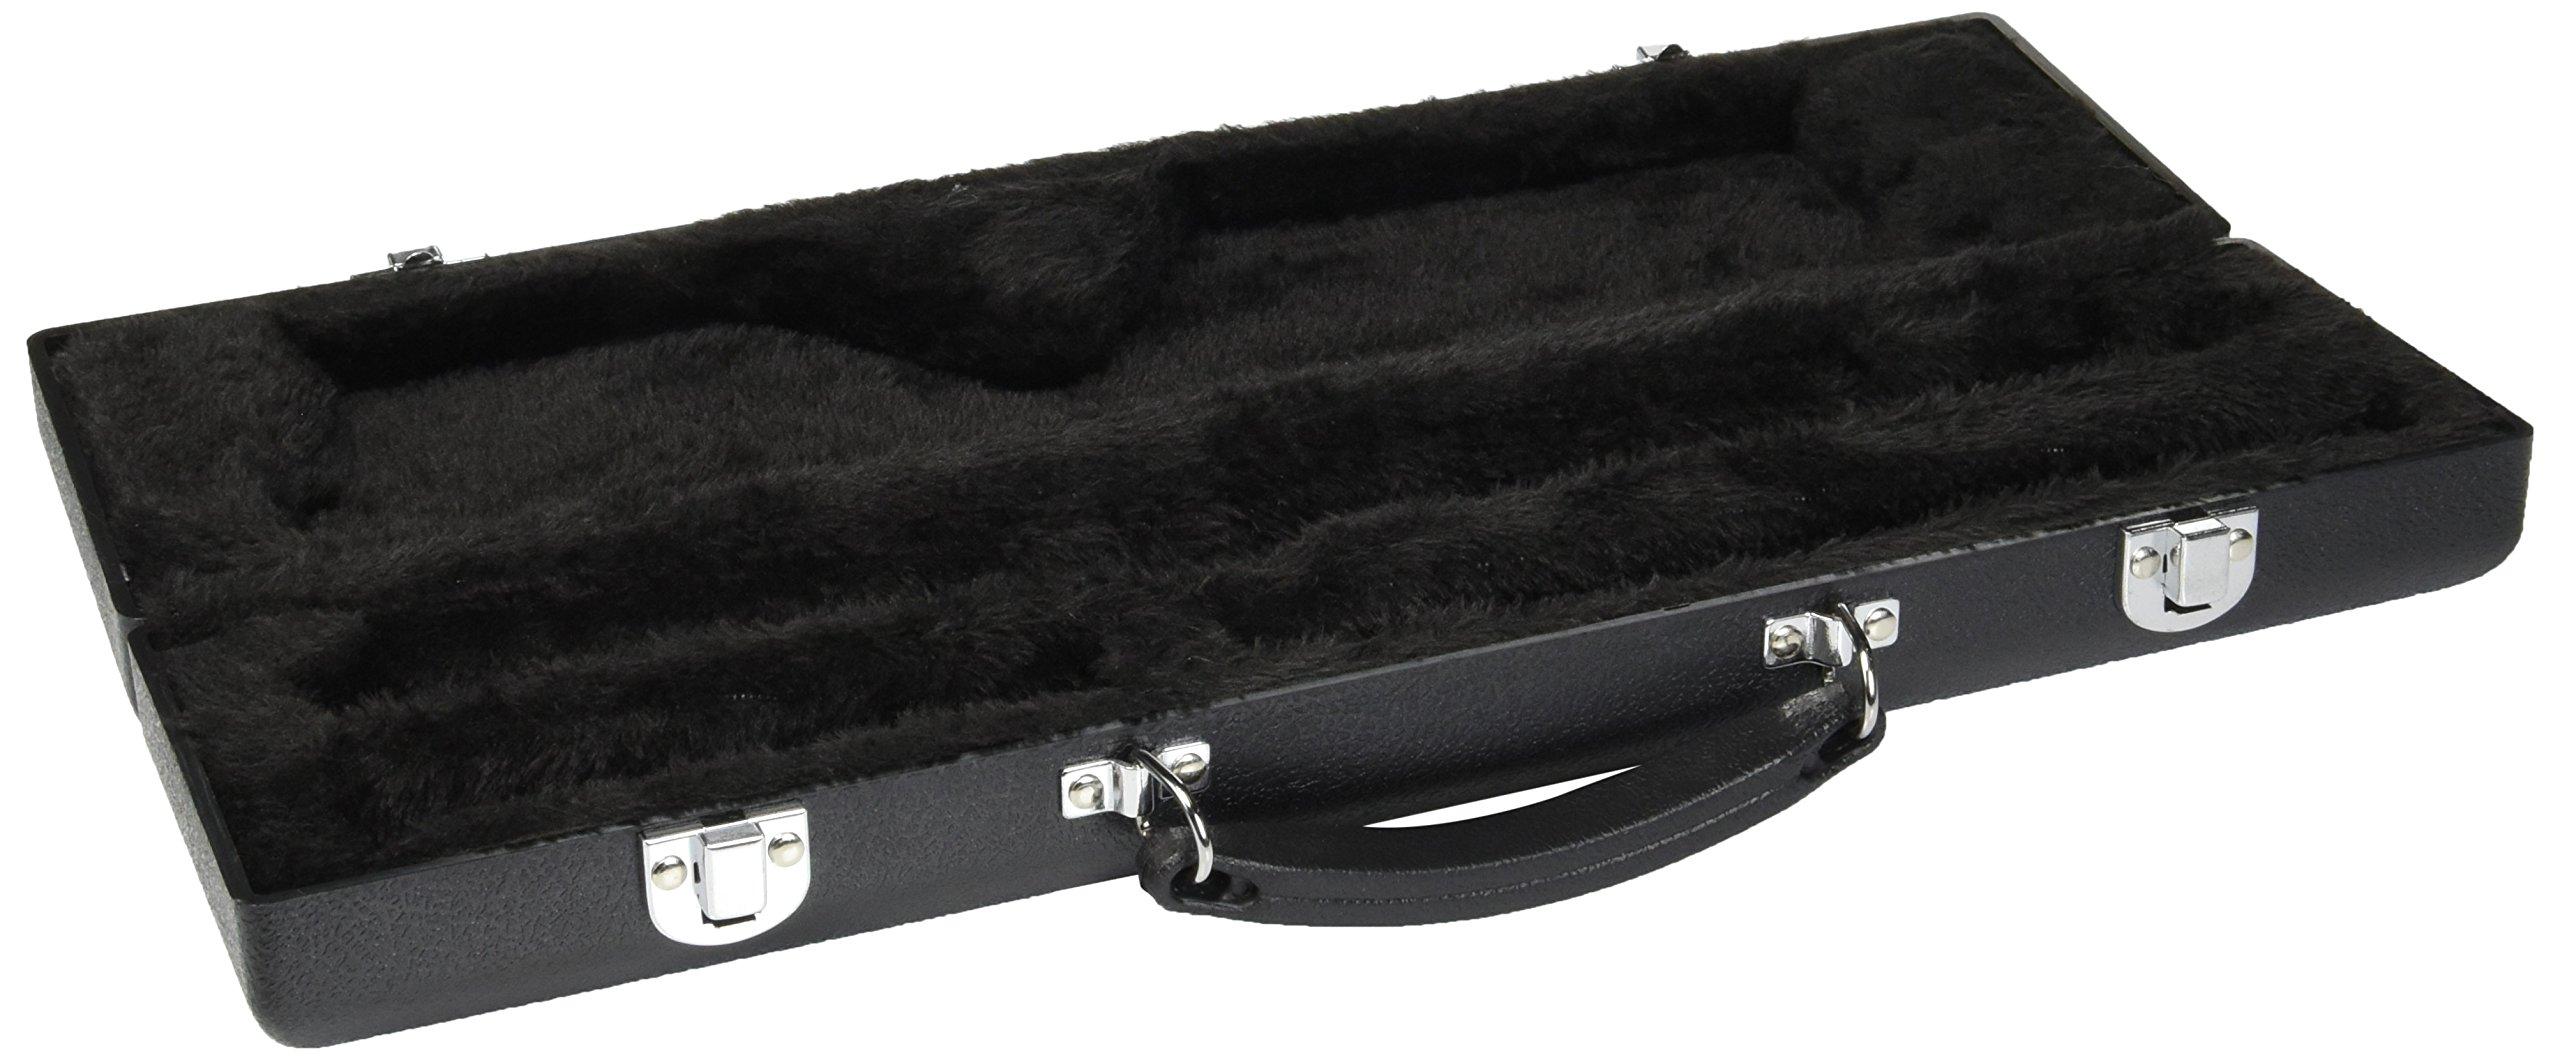 MBT MBTFL Hardshell Flute Case